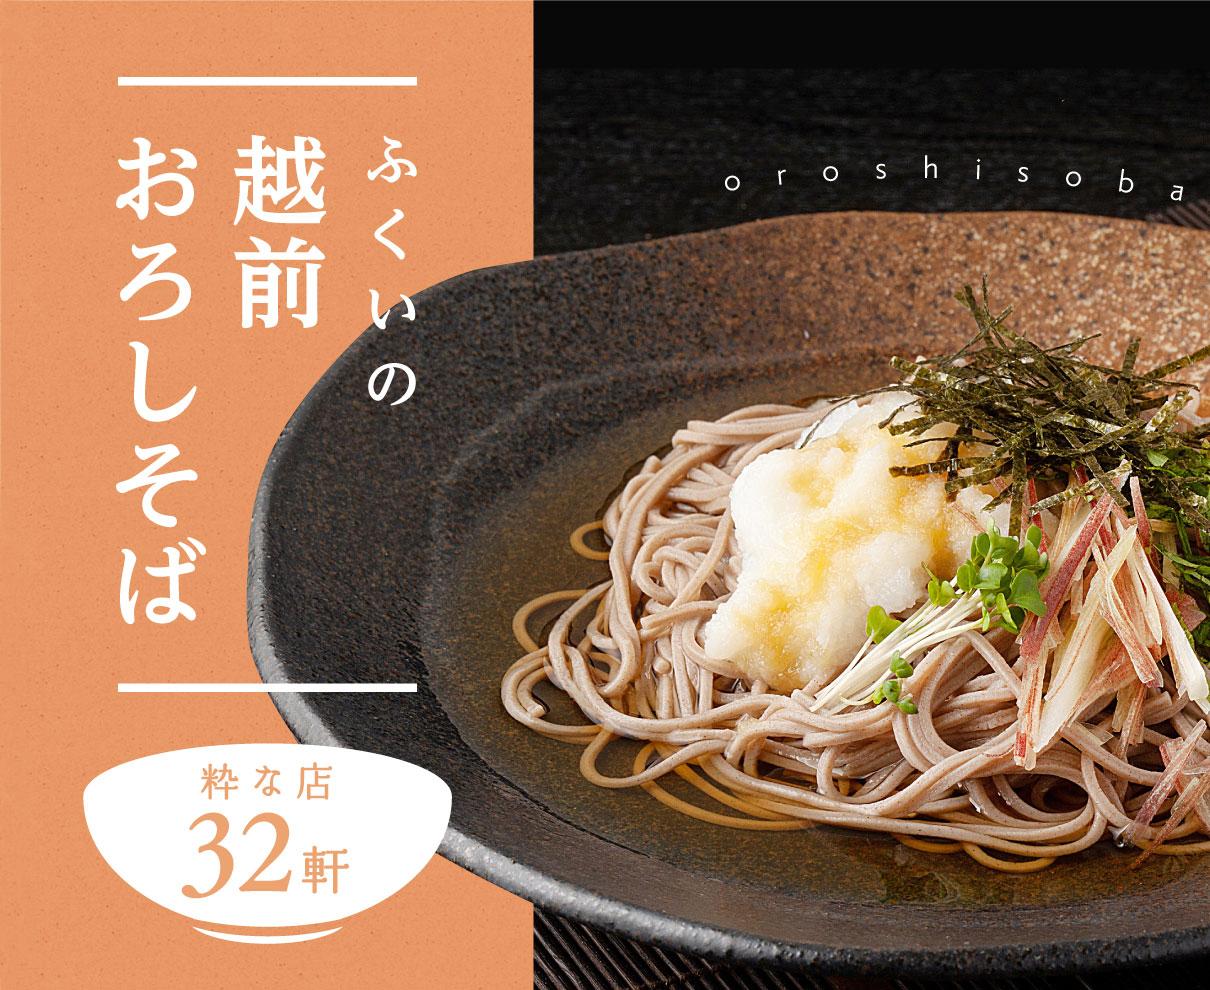 福井の「越前おろしそば」を愉しむ粋な店32軒